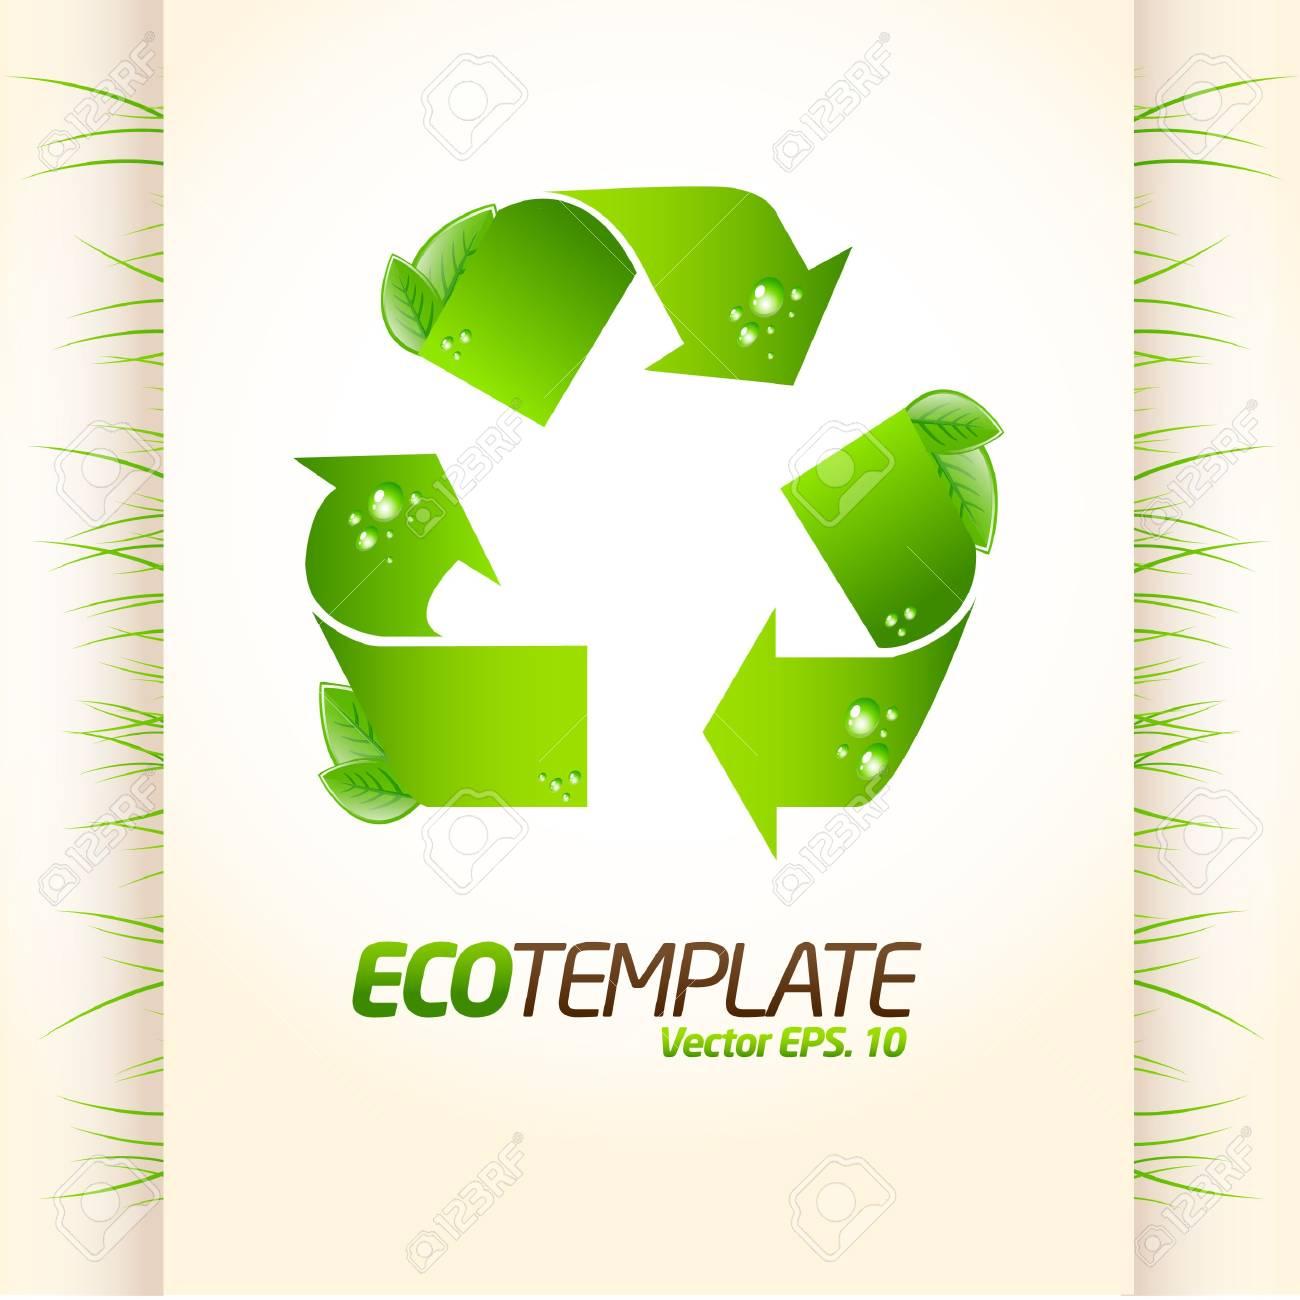 Green eco template 1 Stock Vector - 10087822